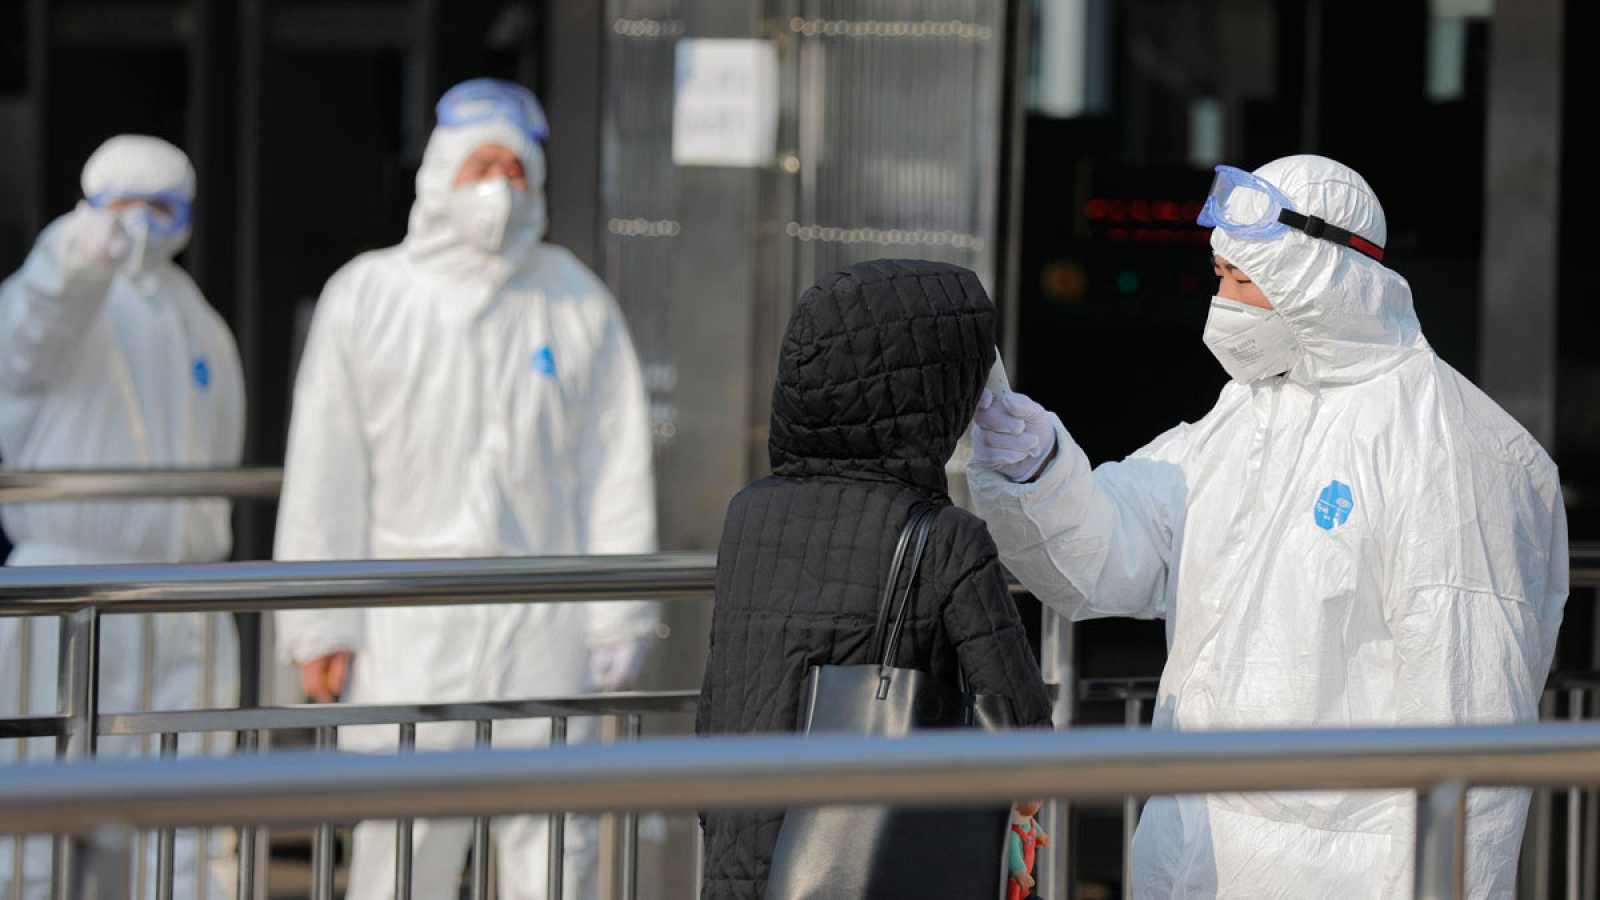 Al menos 41 muertos y más de 1.200 afectados en China por el coronavirus